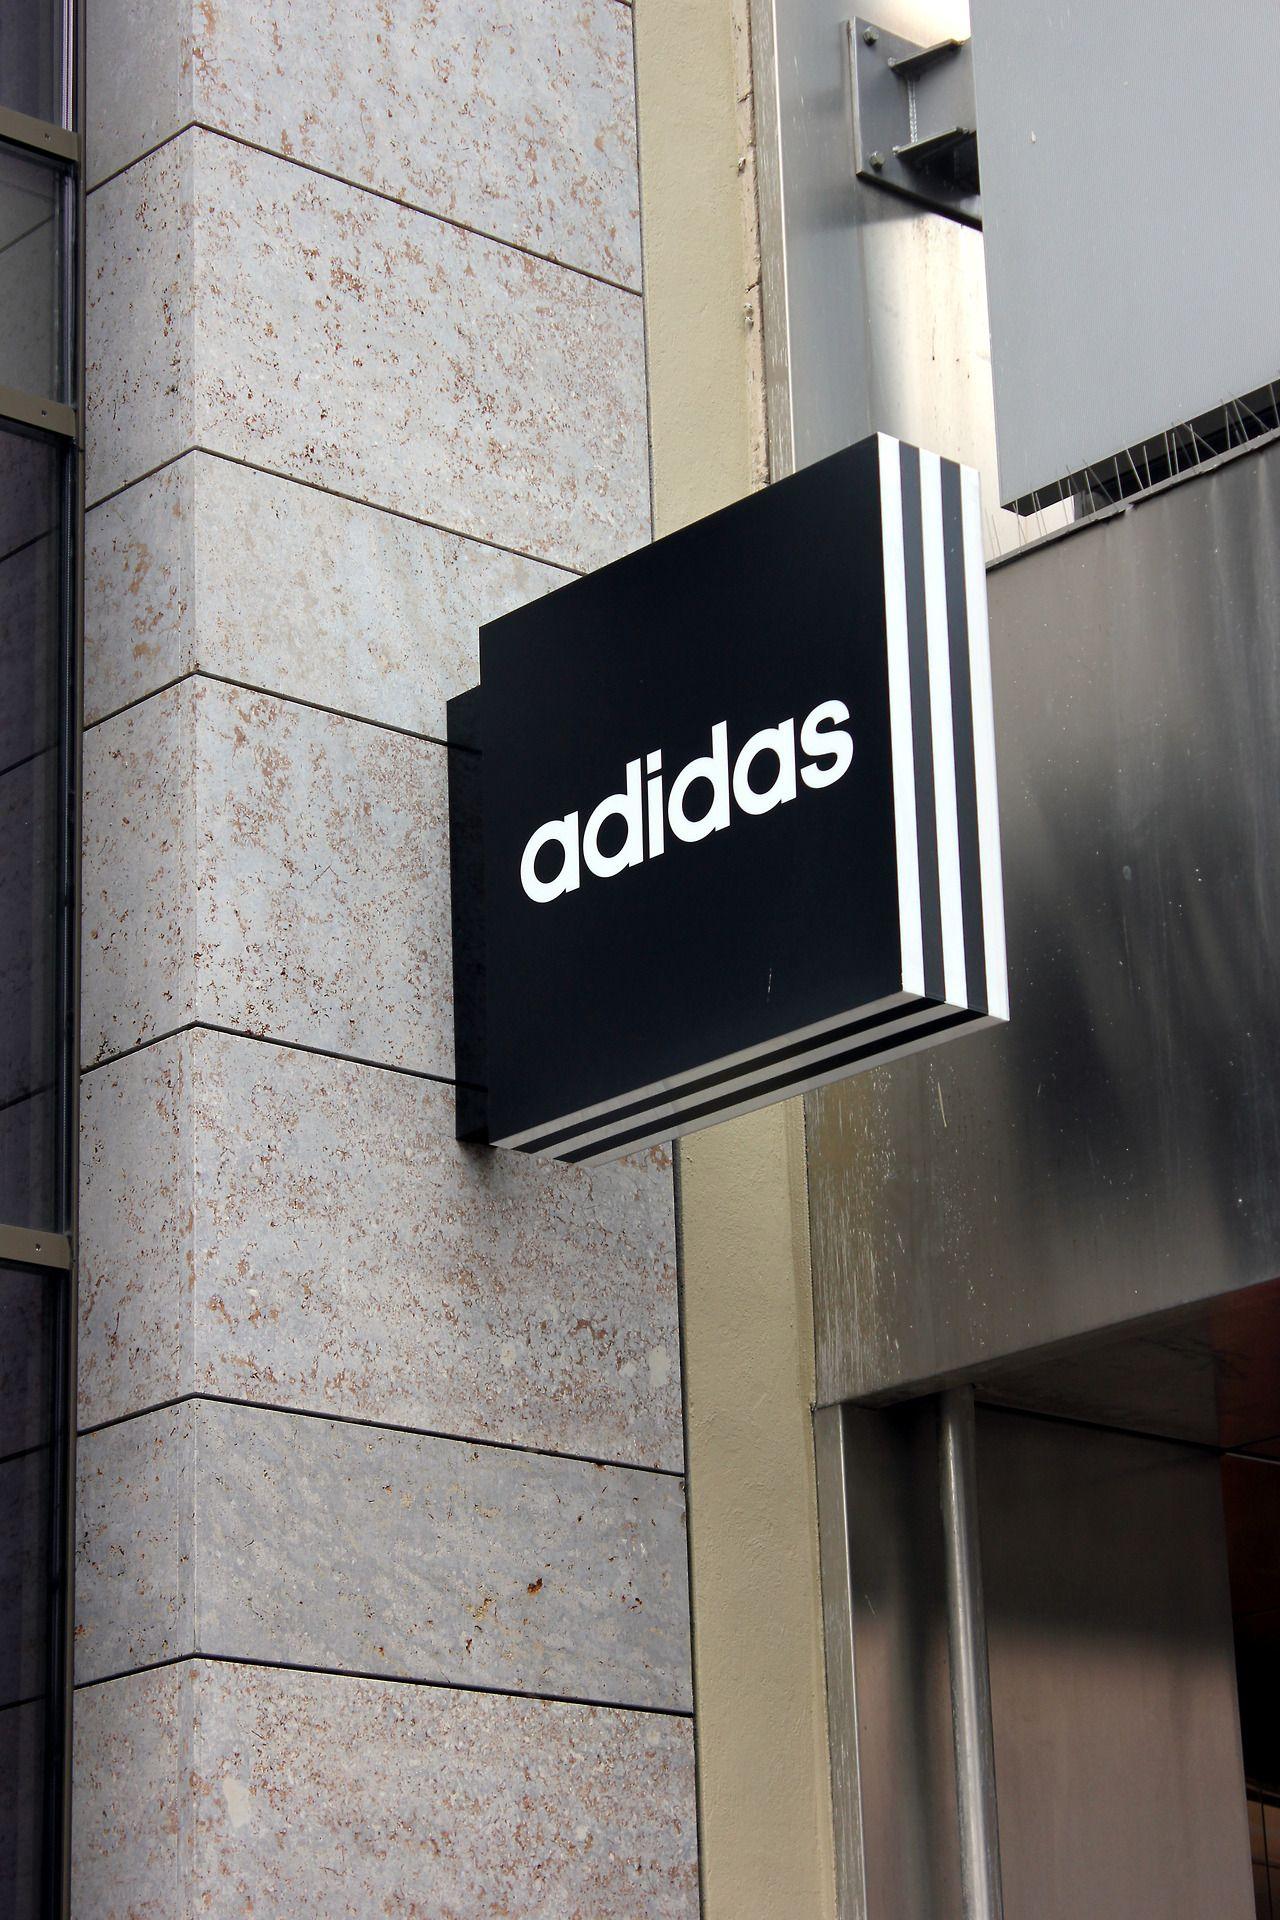 signage | Adidas Originals | Retail signage, Signage design